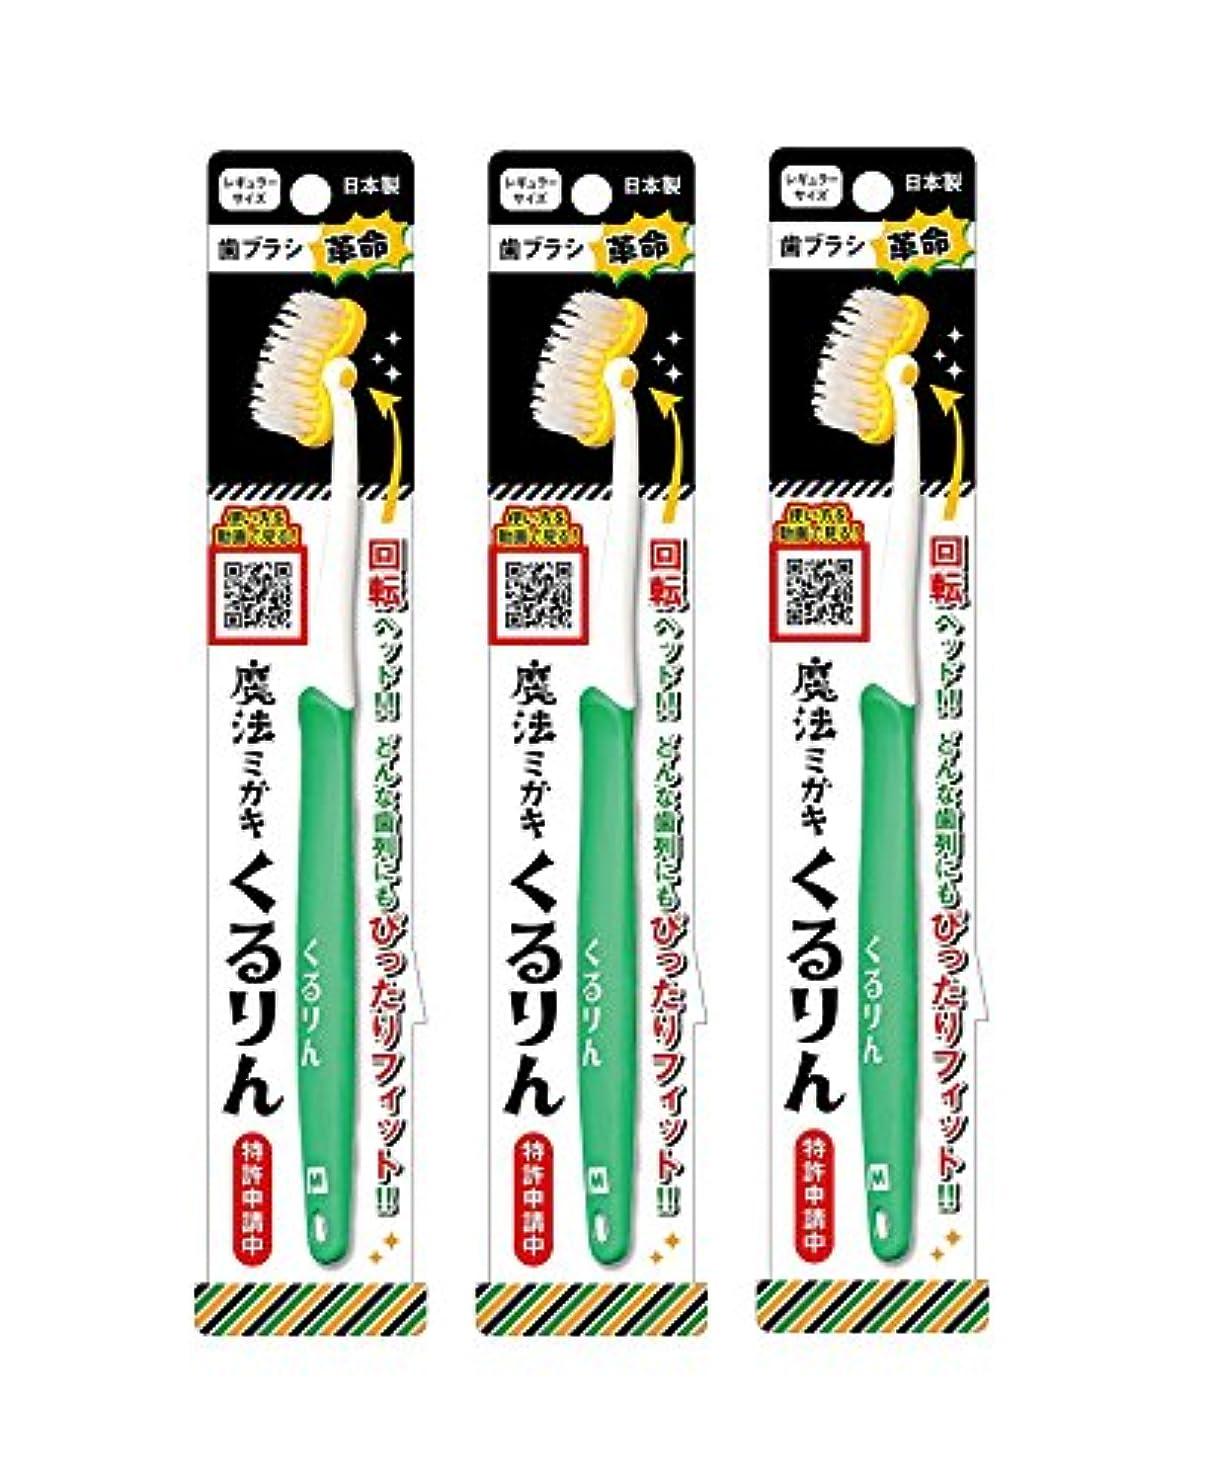 者十代の若者たちアパル歯ブラシ革命 魔法ミガキくるりん MM-151 グリーン 3本セット